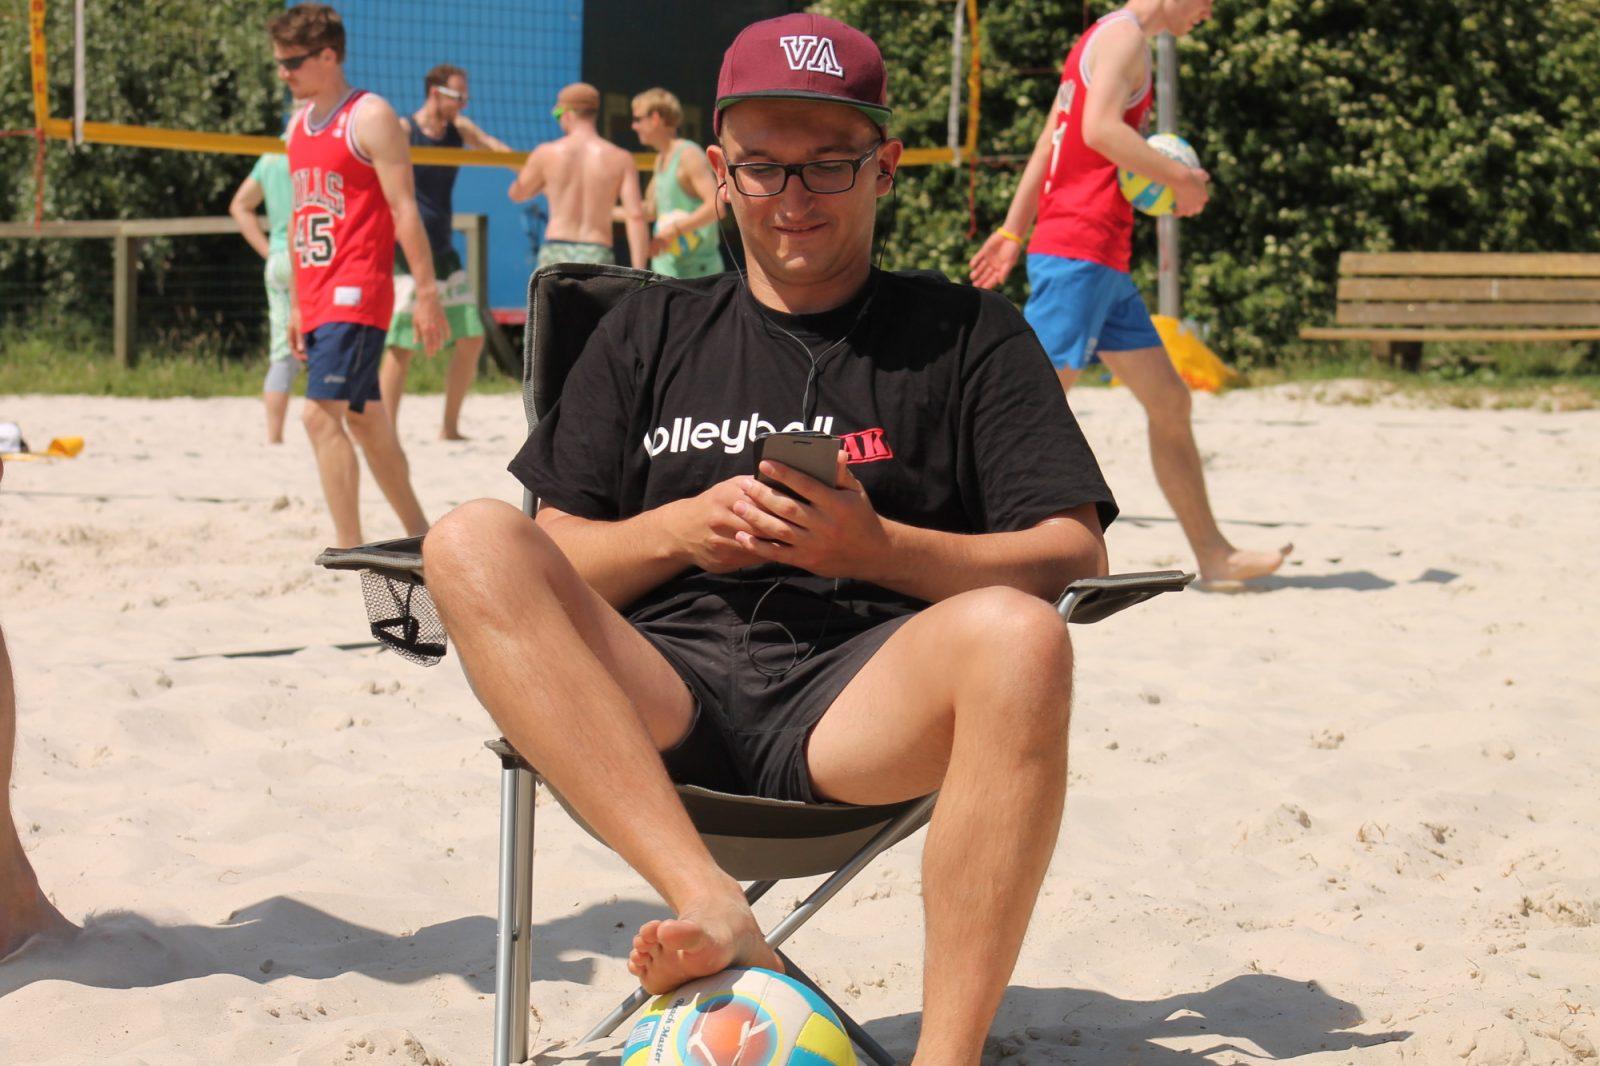 Musik für die Sommerplaylist beim Beach-(Volleyball)